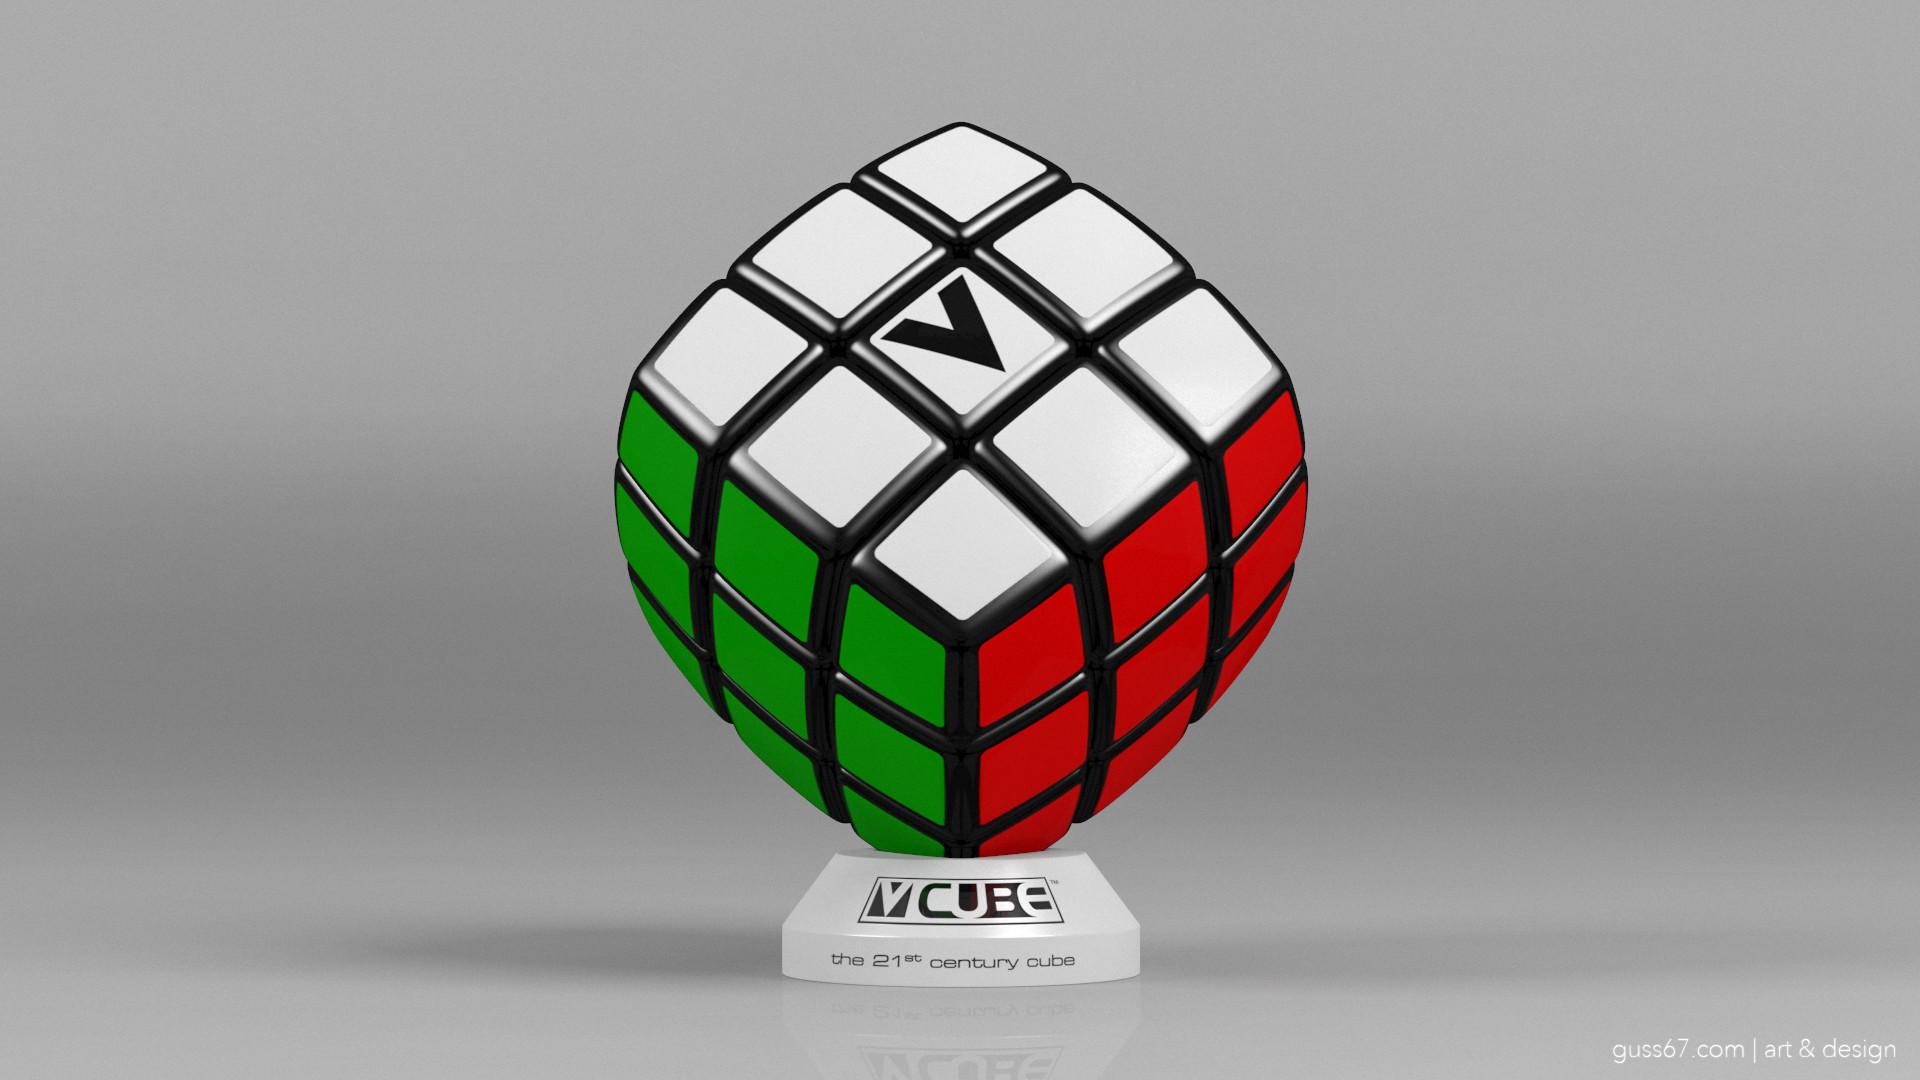 V Cube artstation v cube 3 the speedcubers cube guss theodoridis